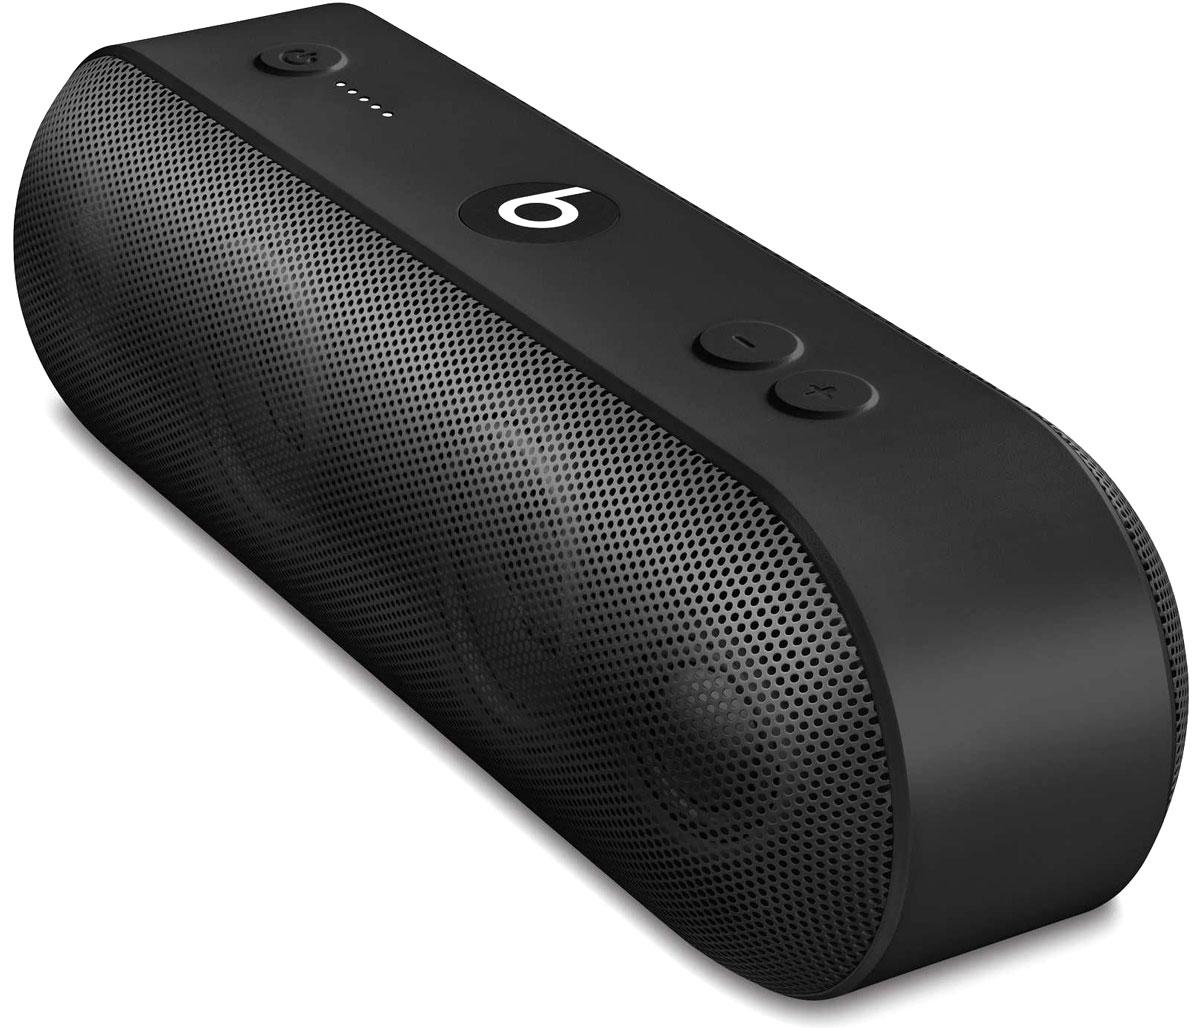 Beats Pill+, Black портативная акустическая системаML4M2ZE/AАкустическая система Beats Pill+ полностью портативна и наполняет комнату богатым и чистым звучанием - удивительно мощным и чётким. Стильный интерфейс Beats Pill+ интуитивно понятен и открывает совершенно новые возможности для совместного прослушивания музыки.Стереосистема с активным двухканальным кроссовером создаёт великолепное звуковое поле с широким динамическим диапазоном и чётким звучанием во всех музыкальных жанрах. В раздельных динамиках высоких и низких частот используется такая же акустическая схема, как в профессиональных студиях звукозаписи по всему миру.Благодаря продуманному дизайну Beats Pill+ звучит так же хорошо, как и выглядит. В его простом и интуитивно понятном интерфейсе нет ничего лишнего, и включить любимую музыку очень легко.Объедините Beats Pill+ в пару с iPhone, MacBook или любым другим устройством Bluetooth, чтобы слушать музыку, смотреть видео и играть в игры с великолепным качеством звука. Или объедините их в пару с Apple Watch для максимального удобства.Beats Pill+ работает 12 часов без подзарядки - слушайте музыку целый день. Нет времени ждать? Зарядите динамик через прилагаемый кабель Lightning и адаптер питания всего за три часа. Индикатор заряда позволяет отслеживать оставшееся время работы аккумулятора.Пусть музыка играет без остановки: заряжайте iPhone или внешнее музыкальное устройство от динамика Beats Pill+.Загрузите приложение Beats Pill+ из App Store, чтобы разблокировать функции, которые помогут вам с друзьями погрузиться в яркий мир музыки. Подключите второй динамик и слушайте музыку совершенно по-новому. Получайте программные обновления и обращайтесь за технической поддержкой в приложении.